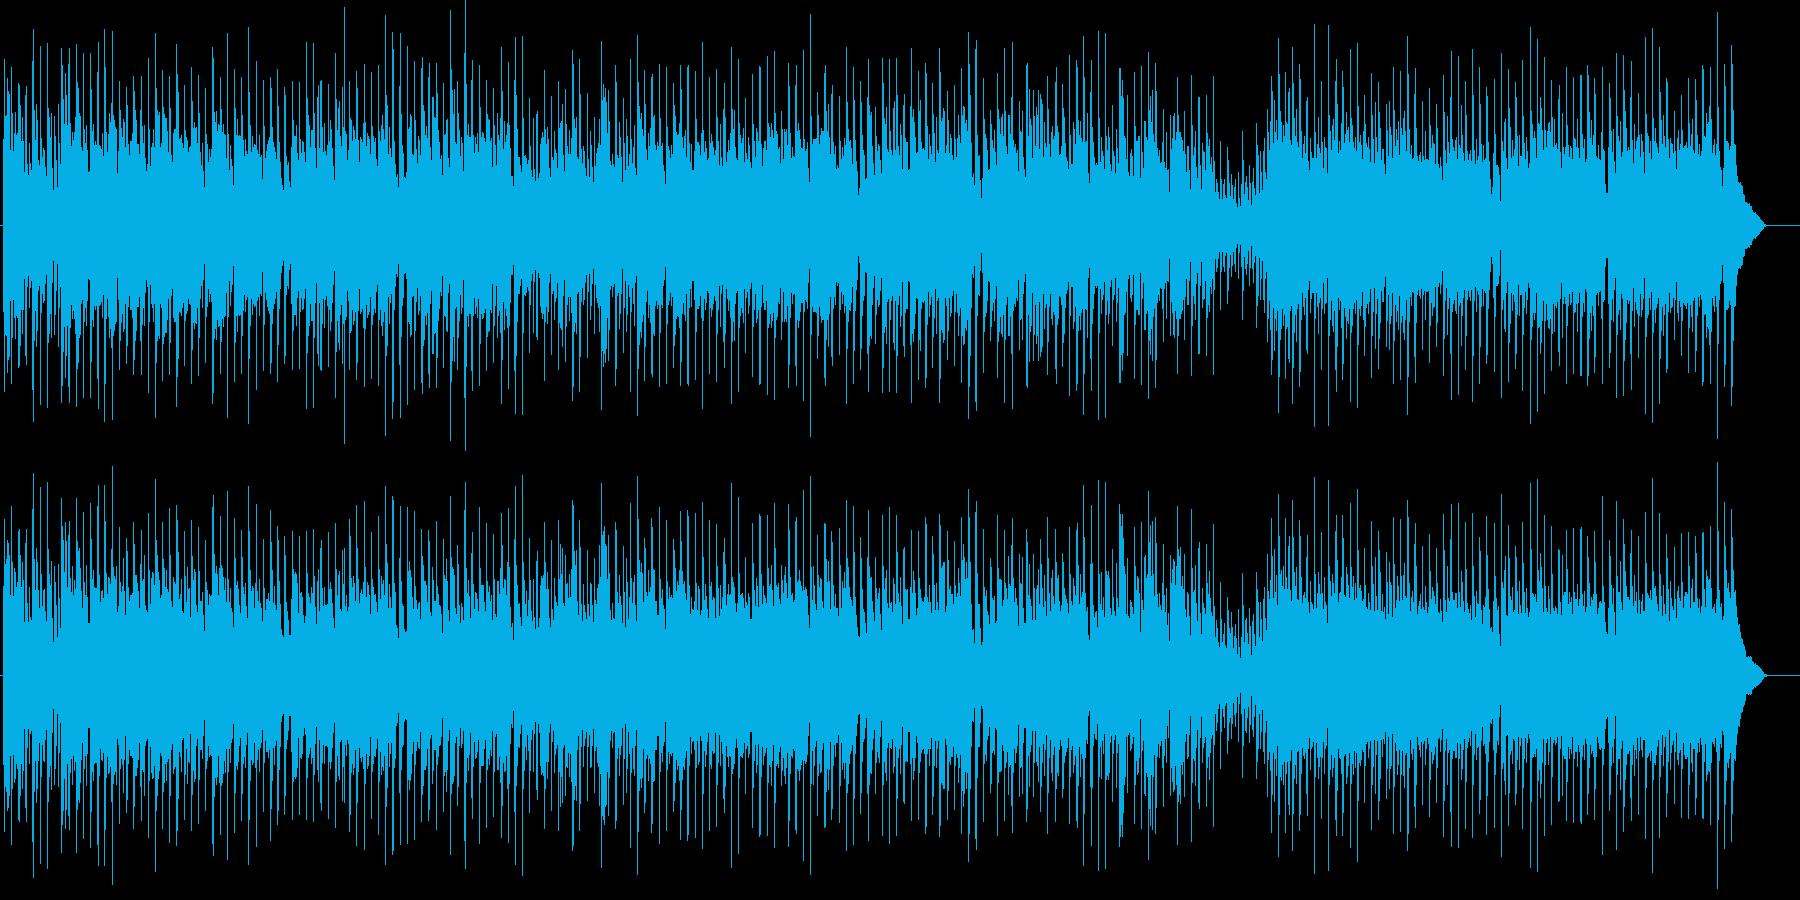 草競馬 アコーディオン カントリーの再生済みの波形